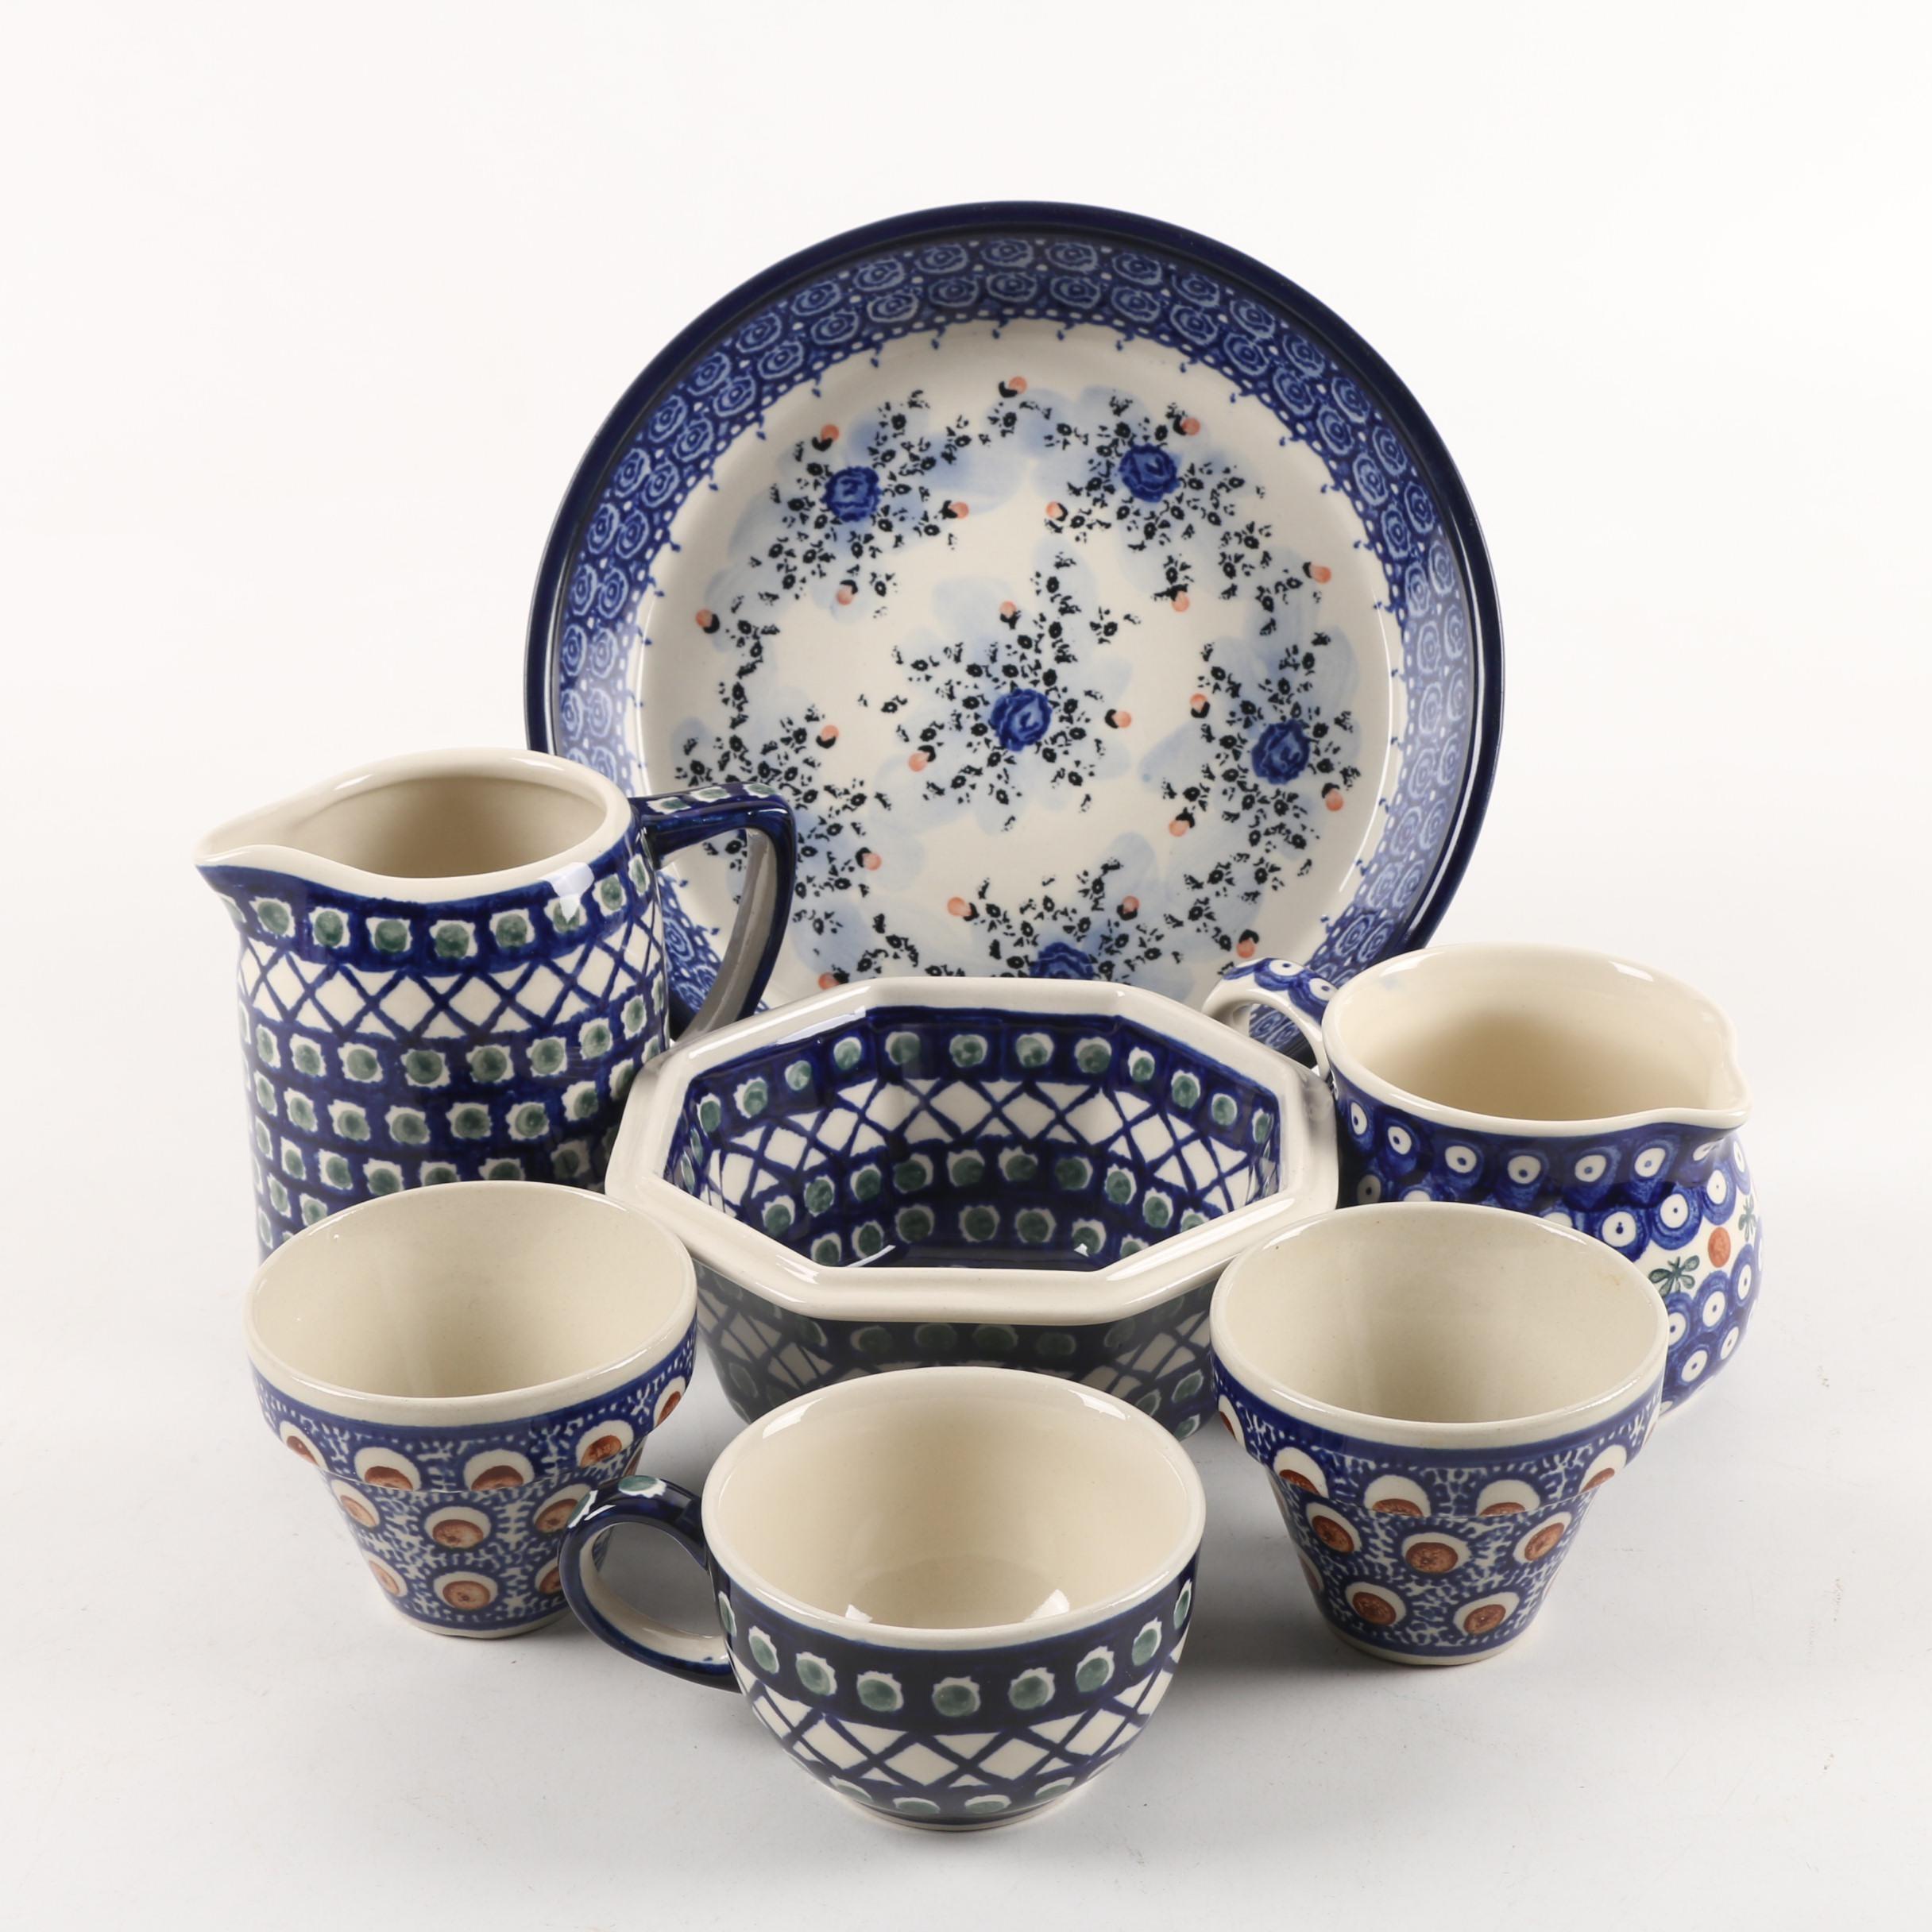 Bolesławiec Polish Pottery Serveware Featuring Unikat Ceramika Artystyczna